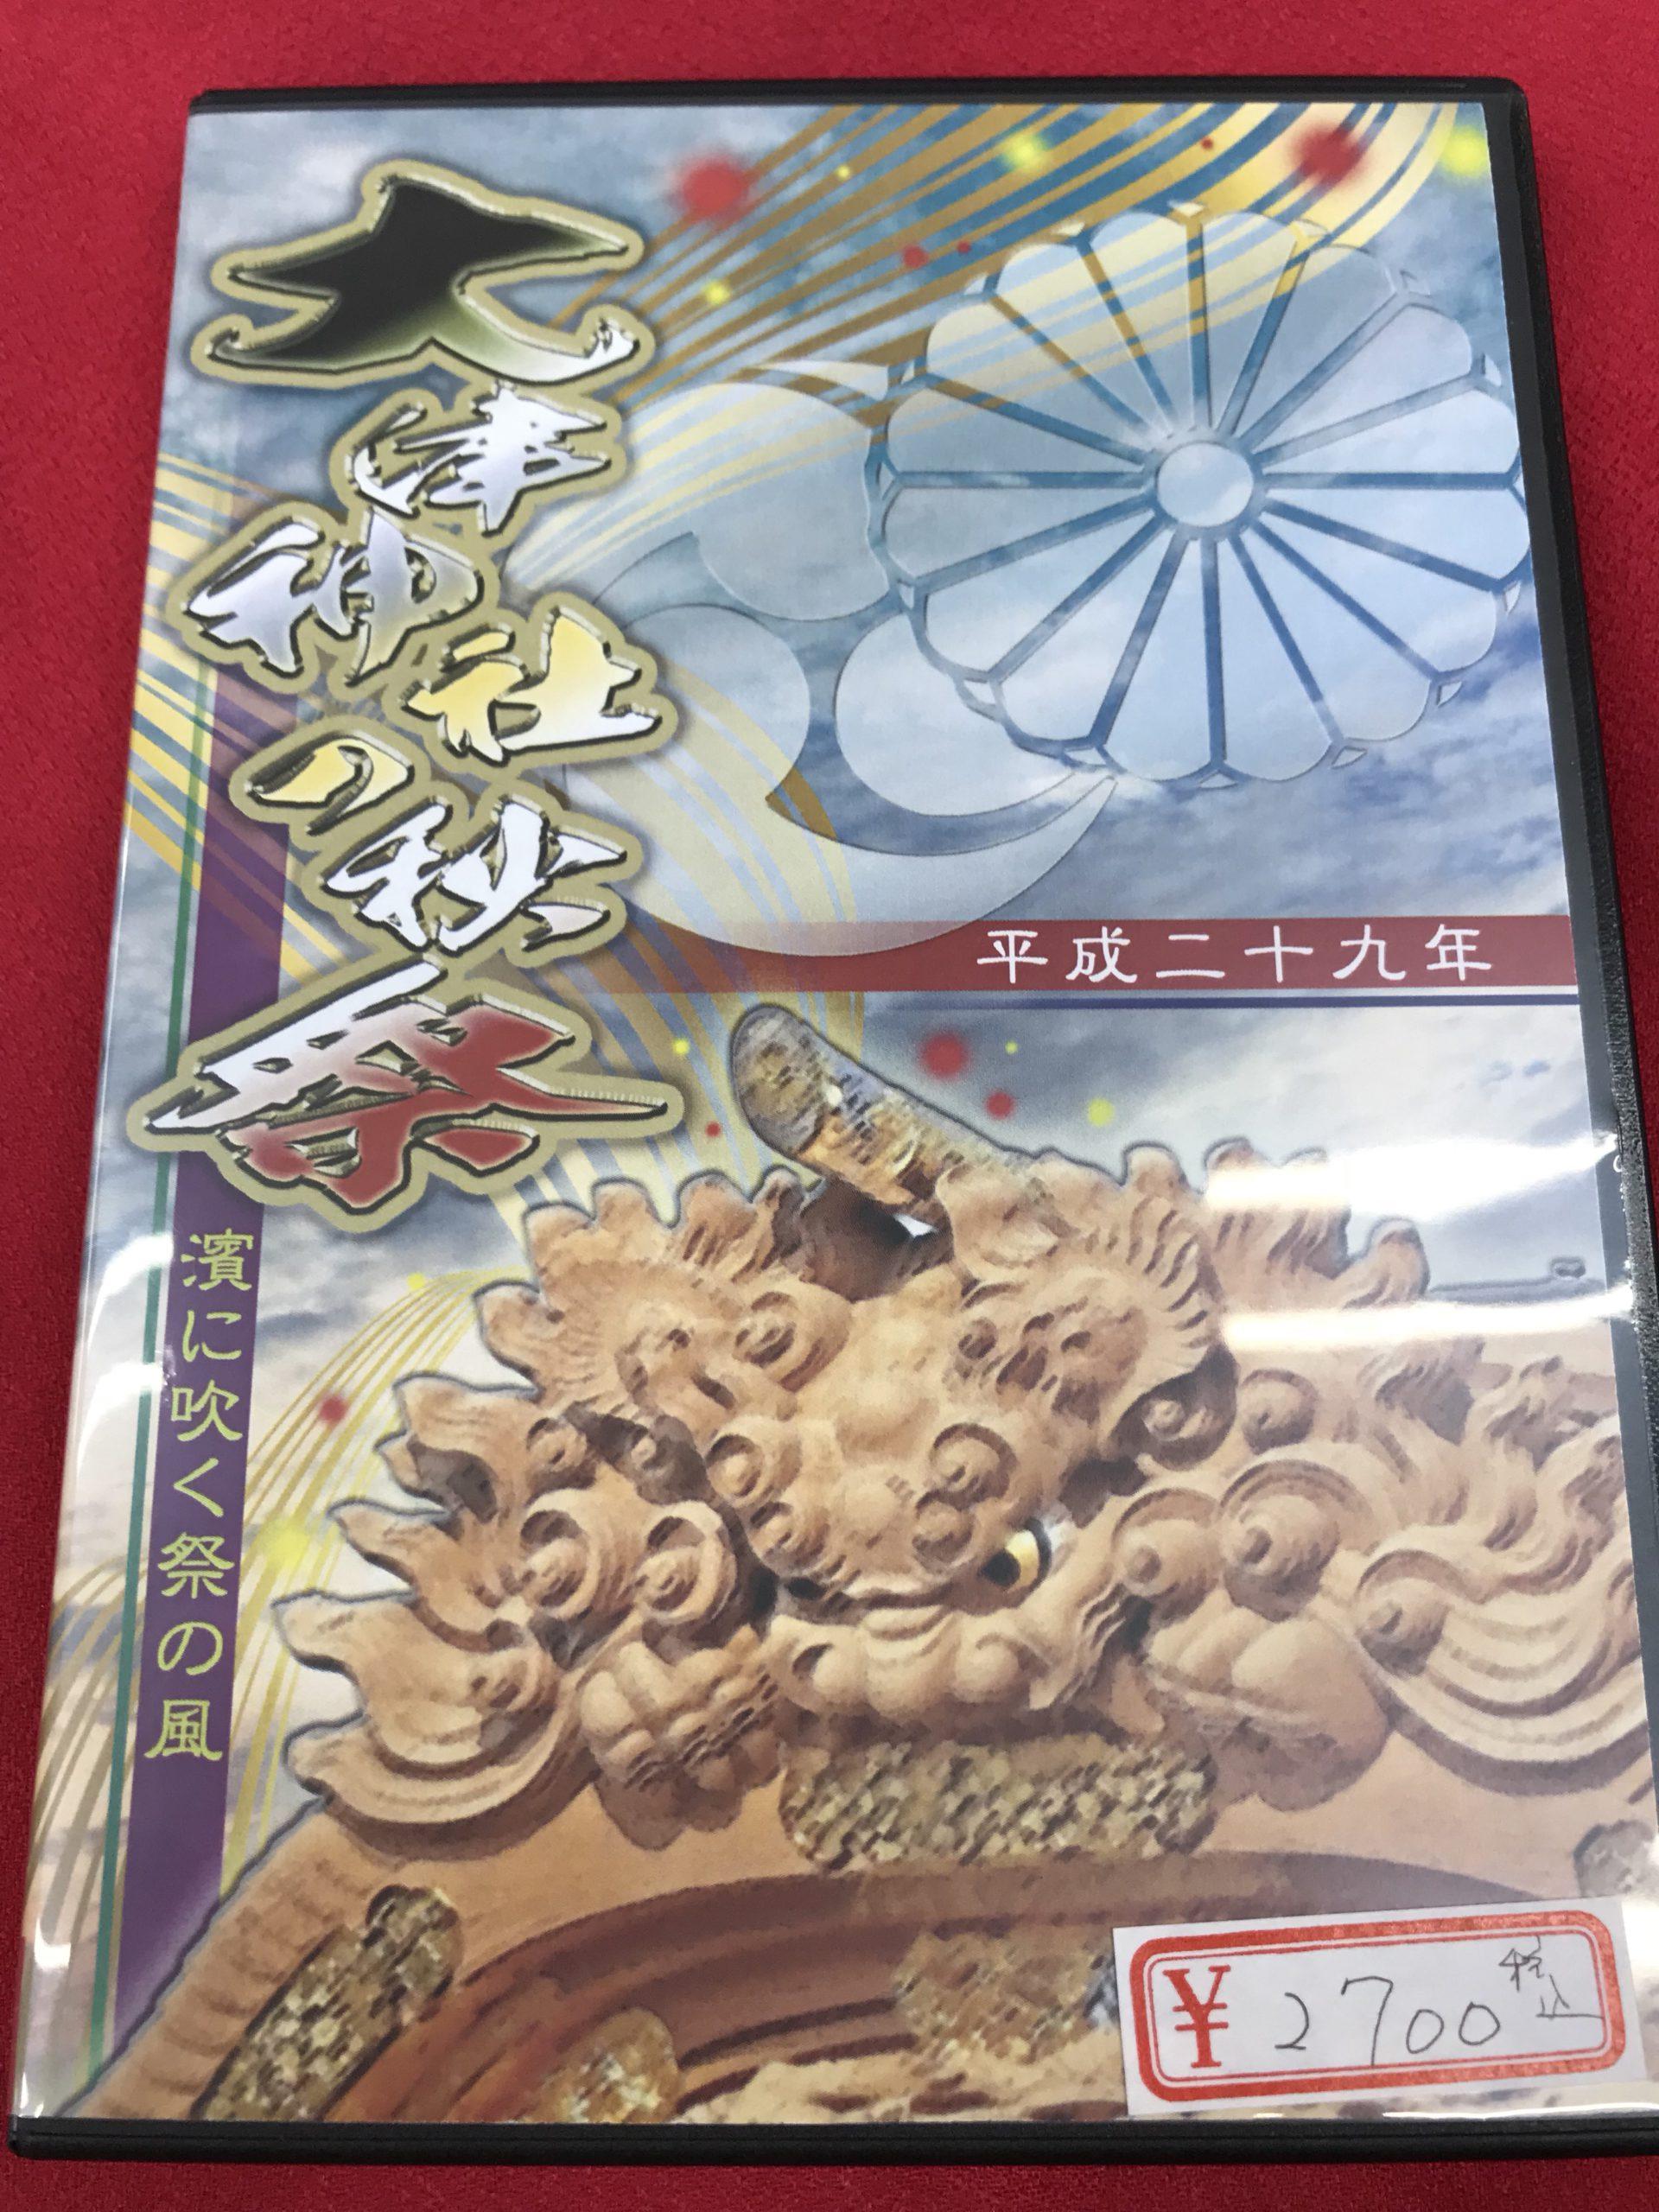 泉大津のだんじりDVDが発売されています